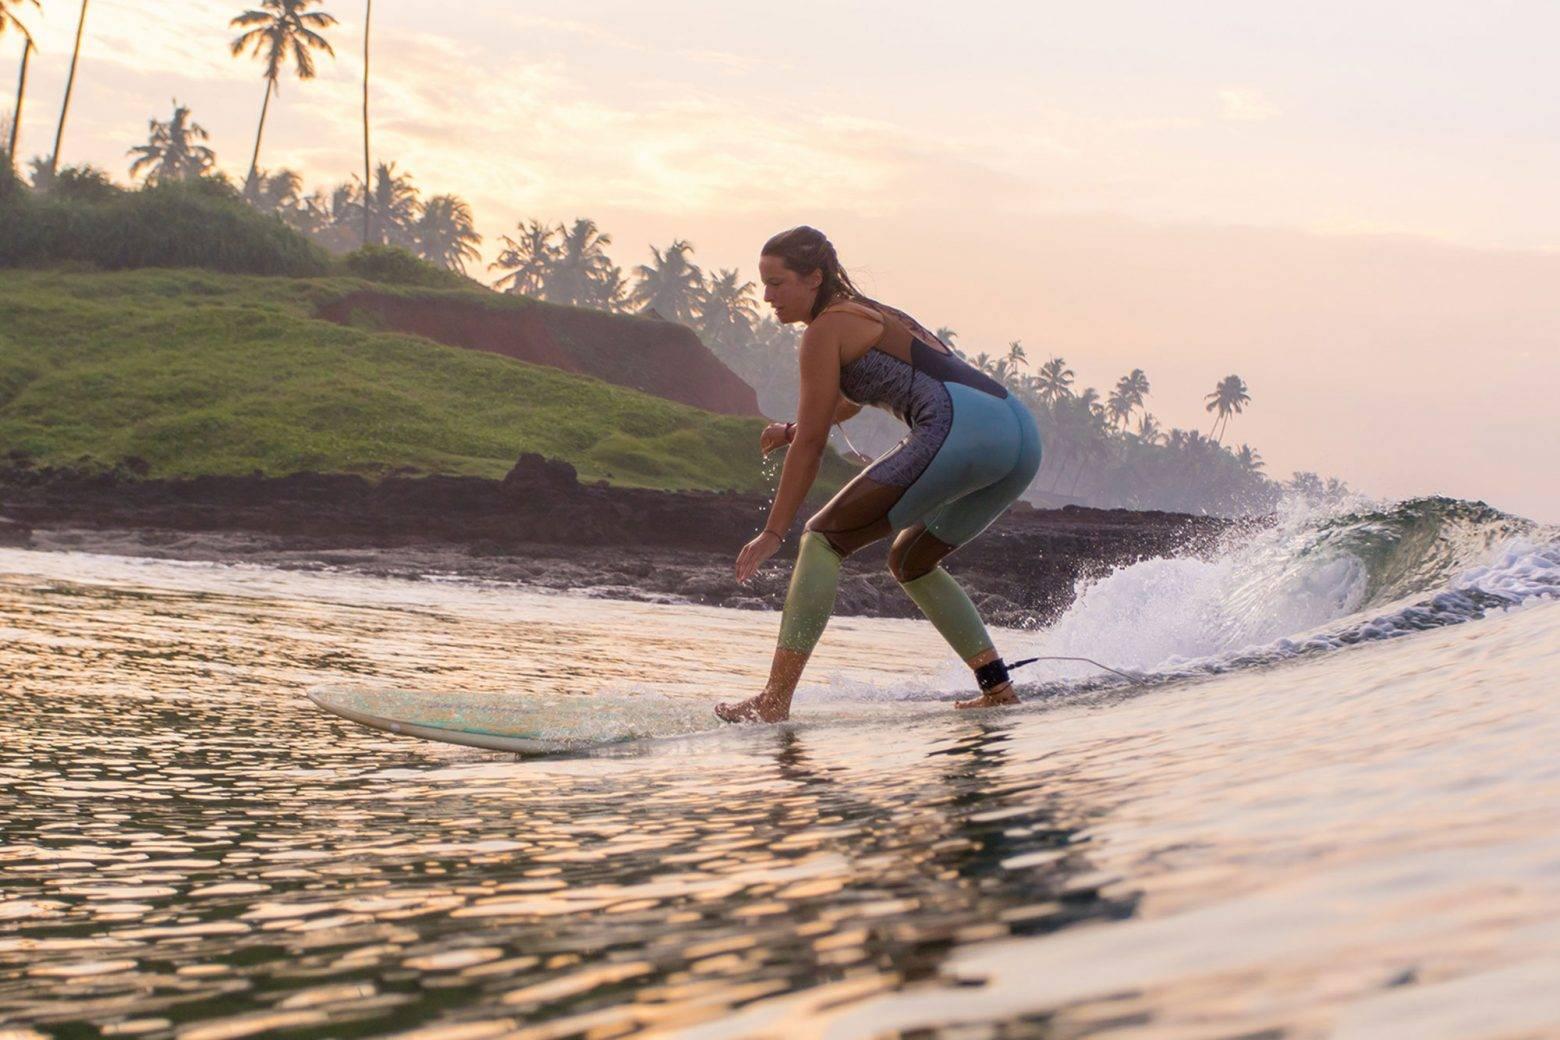 https://www.soulandsurf.com/wp-content/uploads/2021/04/Girl-surfing-Edava-e1627398425416.jpg